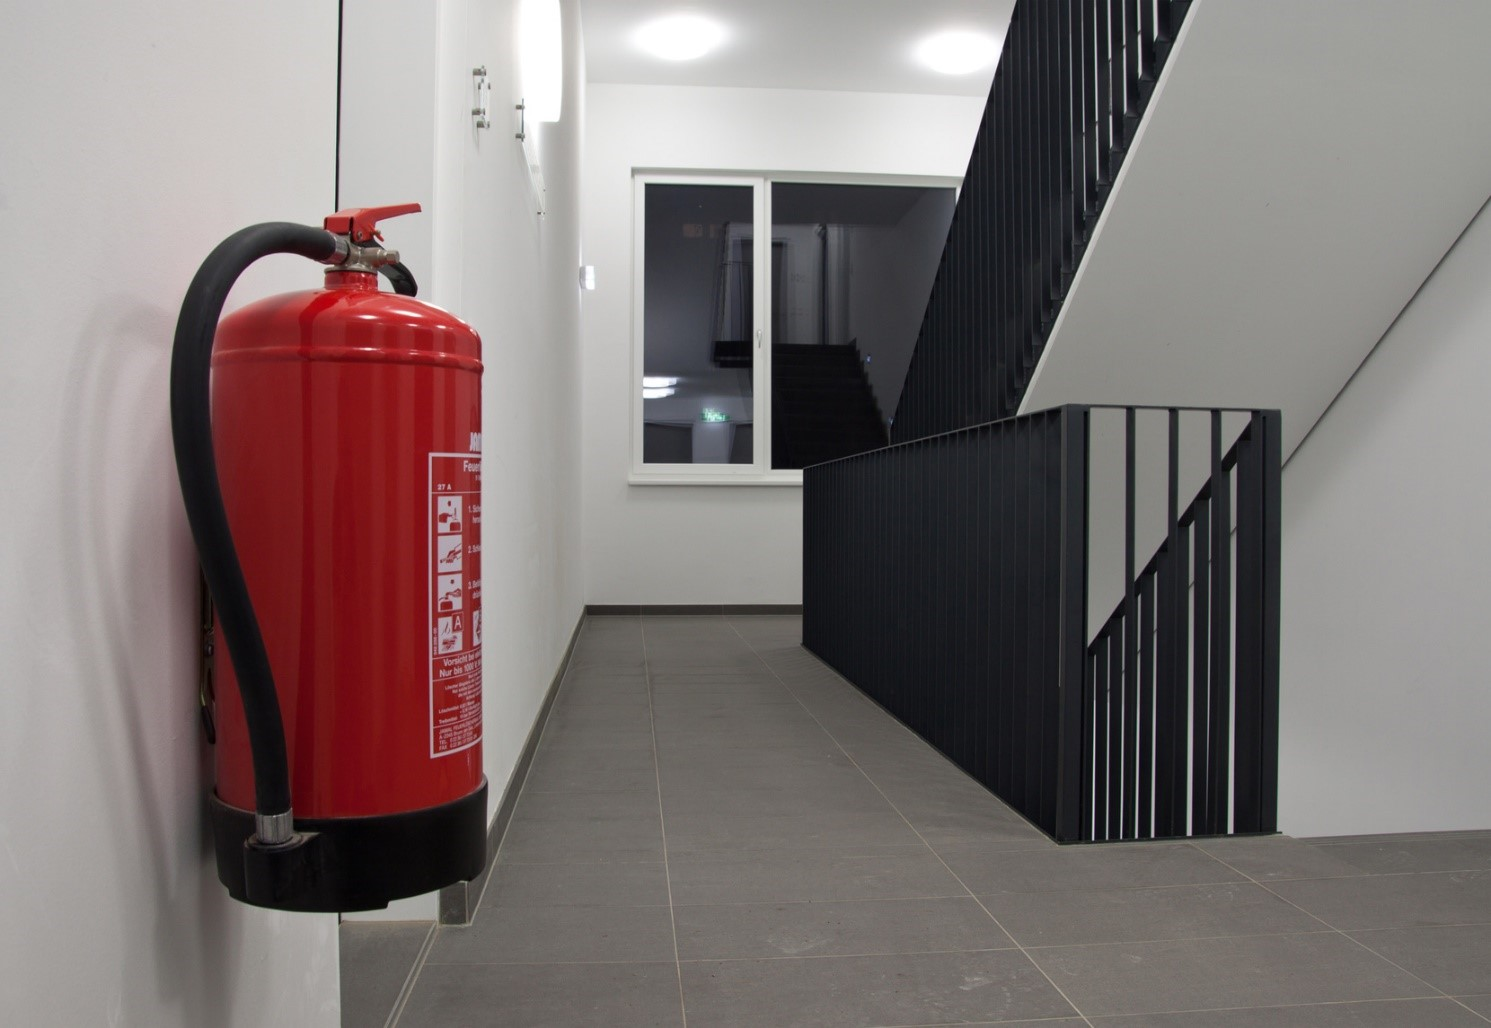 Система эвакуационных выходов бизнес-центра должна обеспечить быструю и полную эвакуацию всех людей.